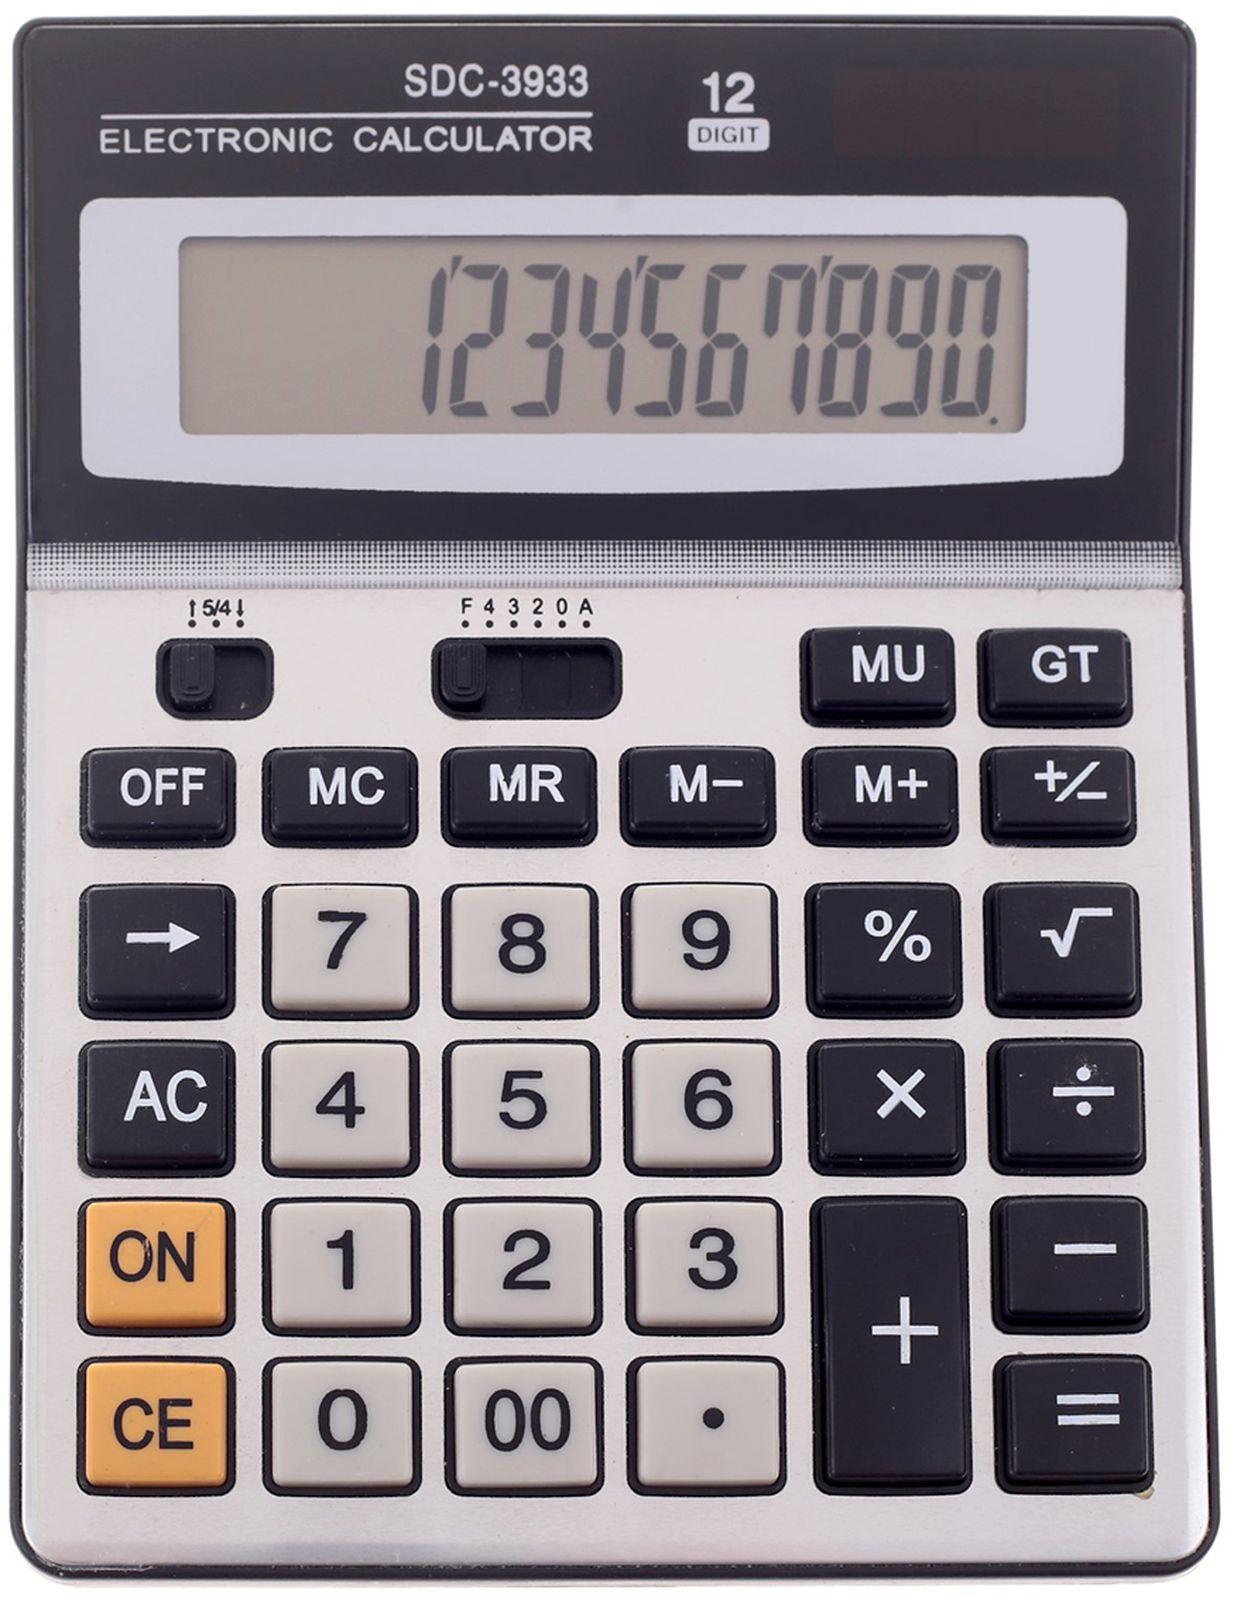 Калькулятор SDC-3933, настольный, 12-разрядный, 135934, мультиколор